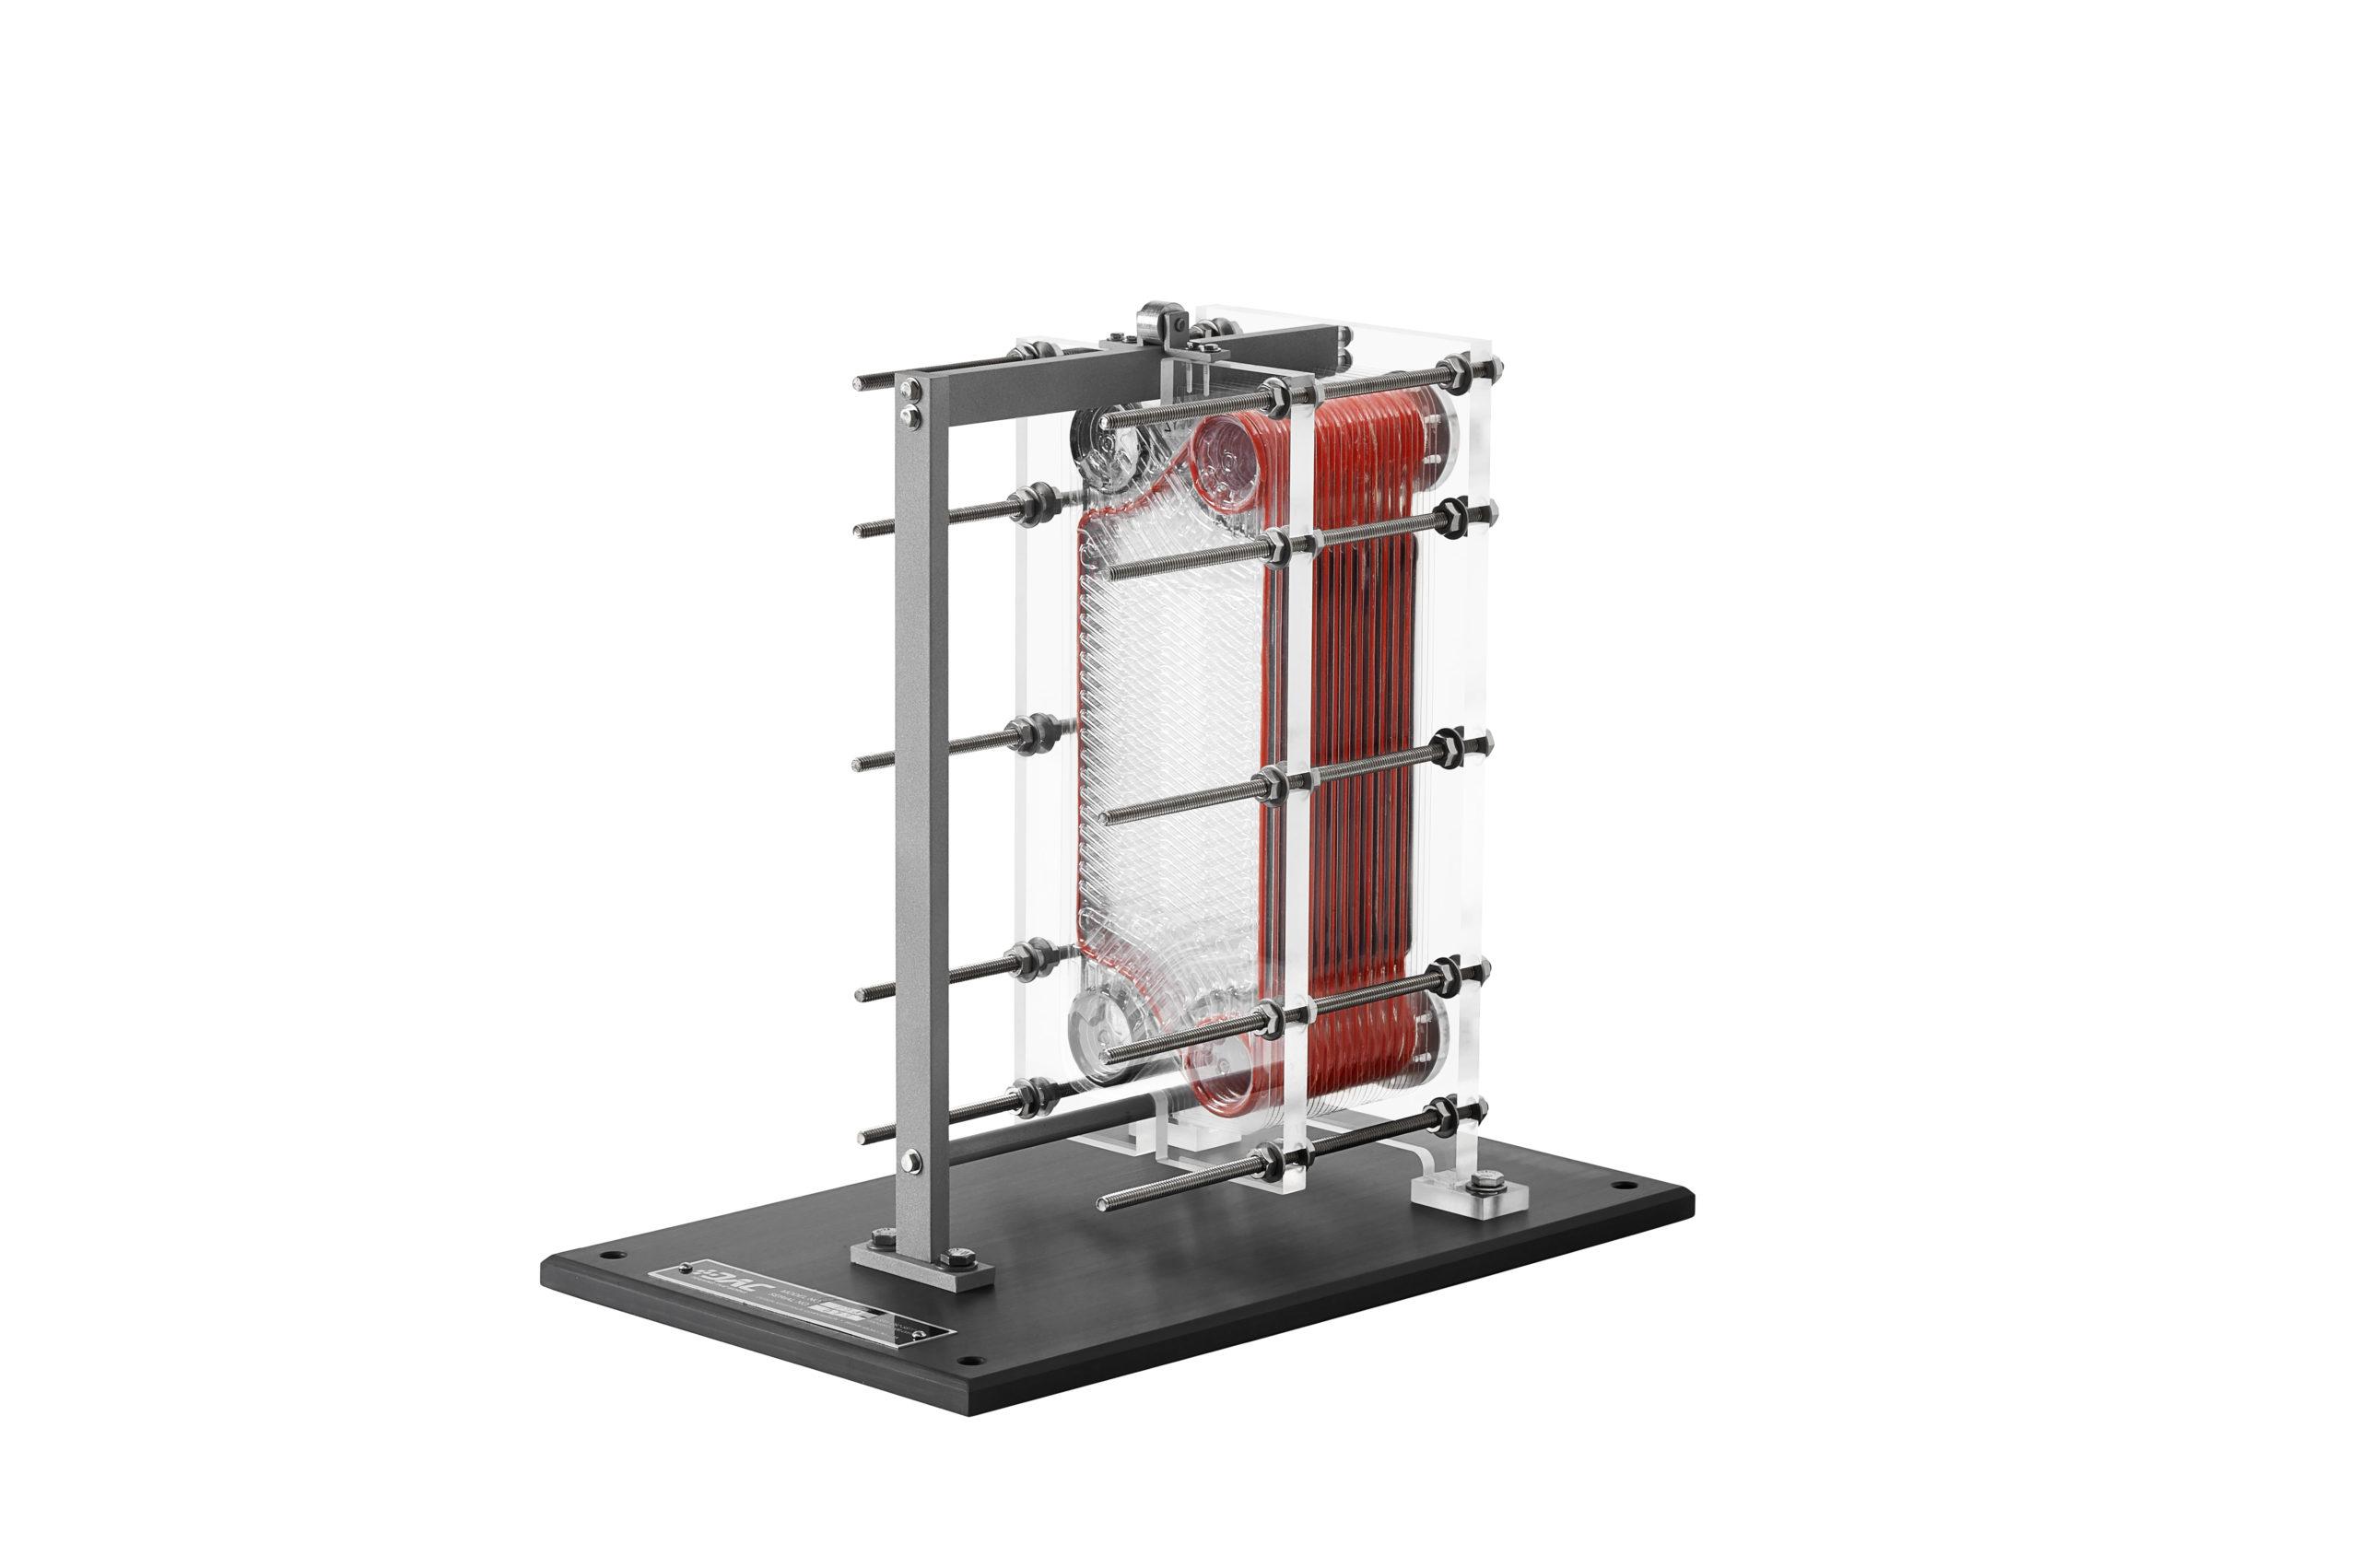 Plate-Type Heat Exchanger Model